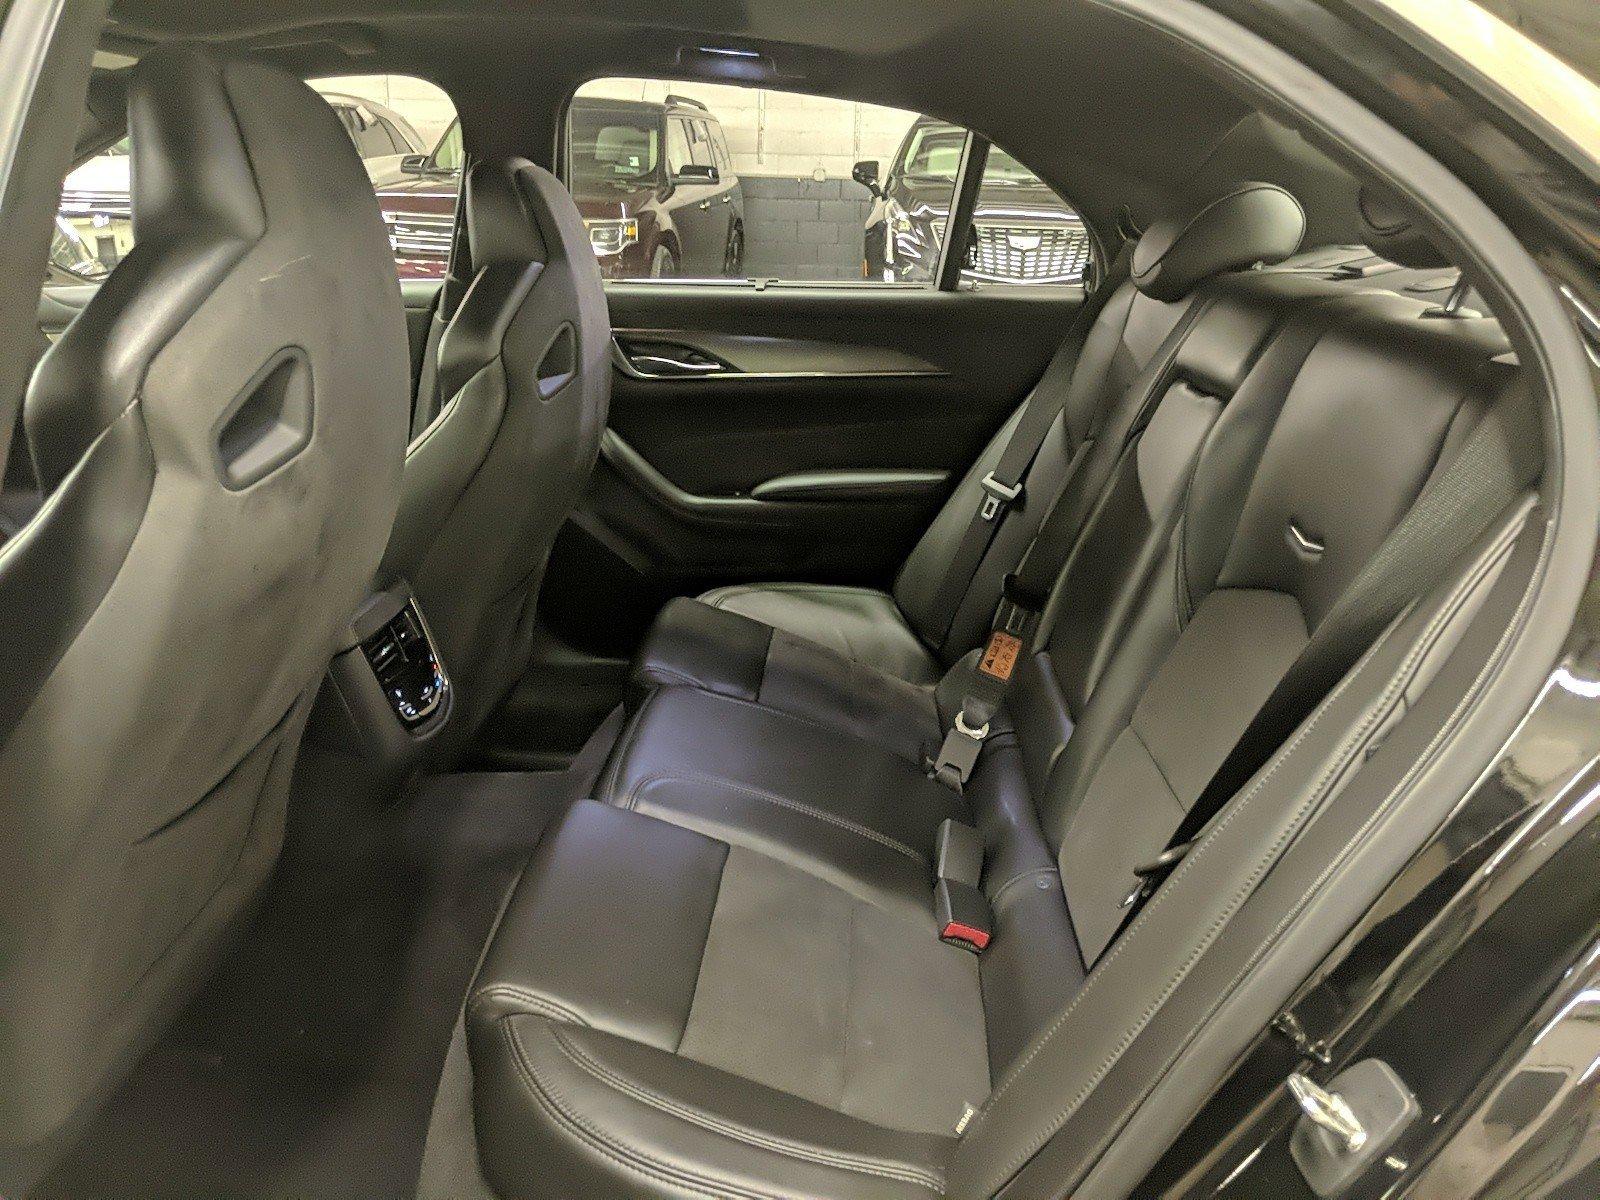 2019 Cadillac CTS-V Sedan 4dr Car